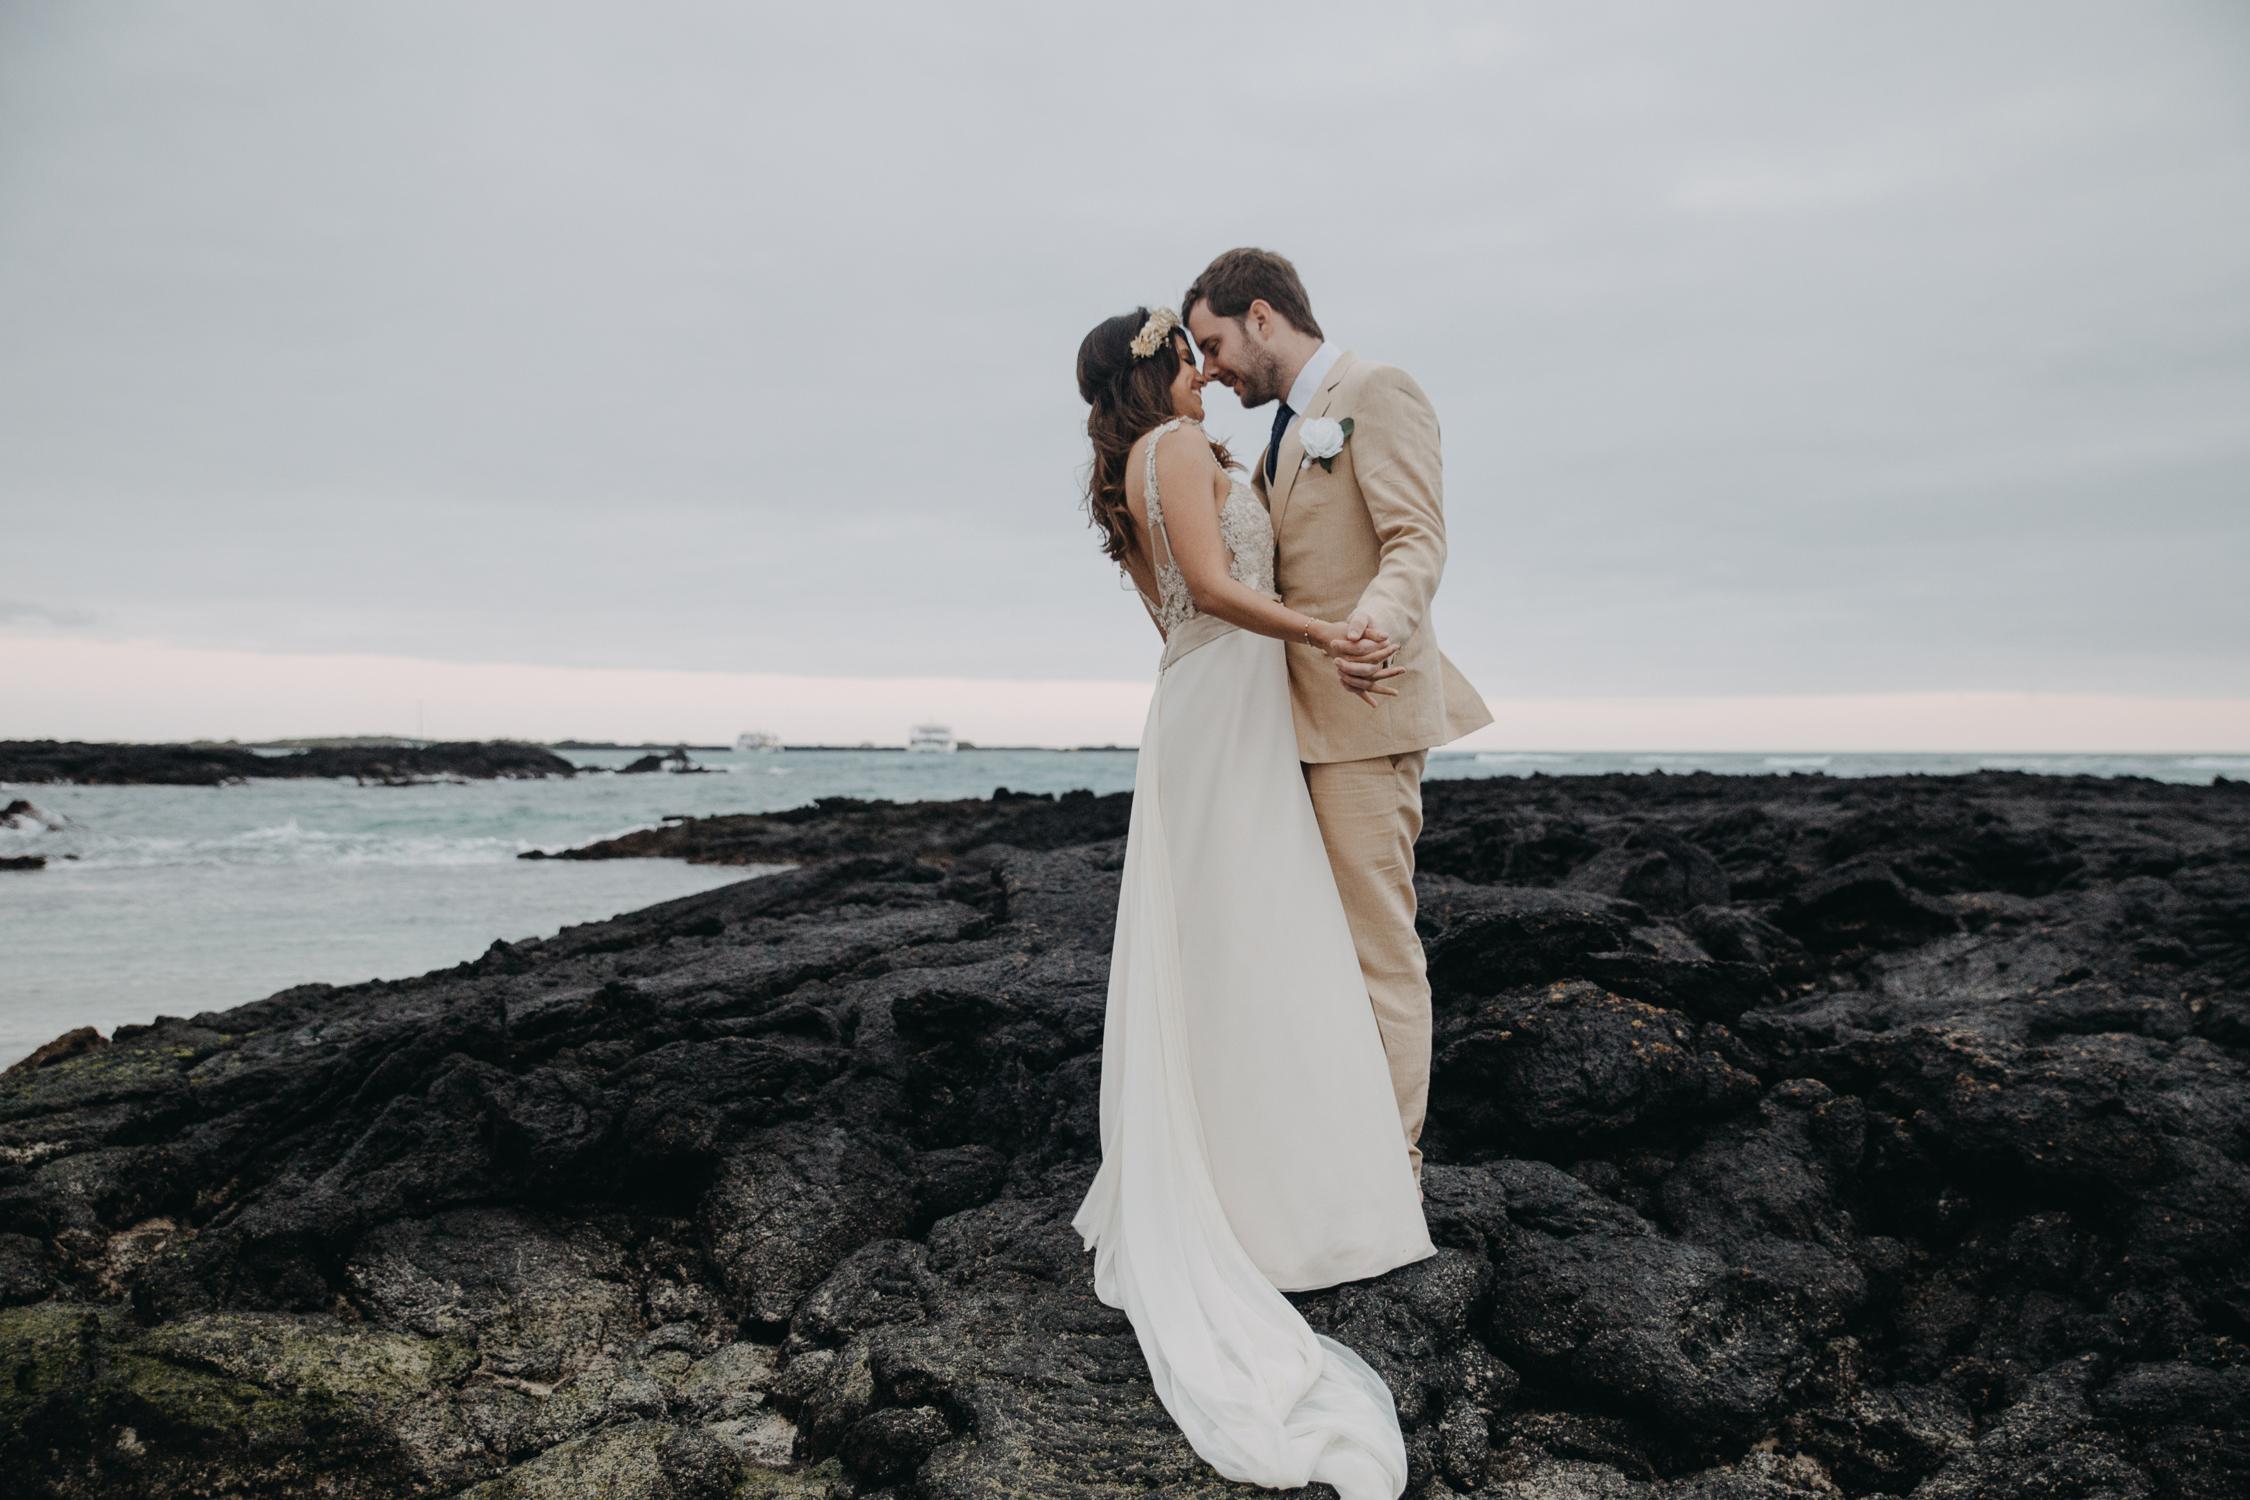 Michelle-Agurto-Fotografia-Bodas-Ecuador-Destination-Wedding-Photographer-Galapagos-Andrea-Joaquin-242.JPG